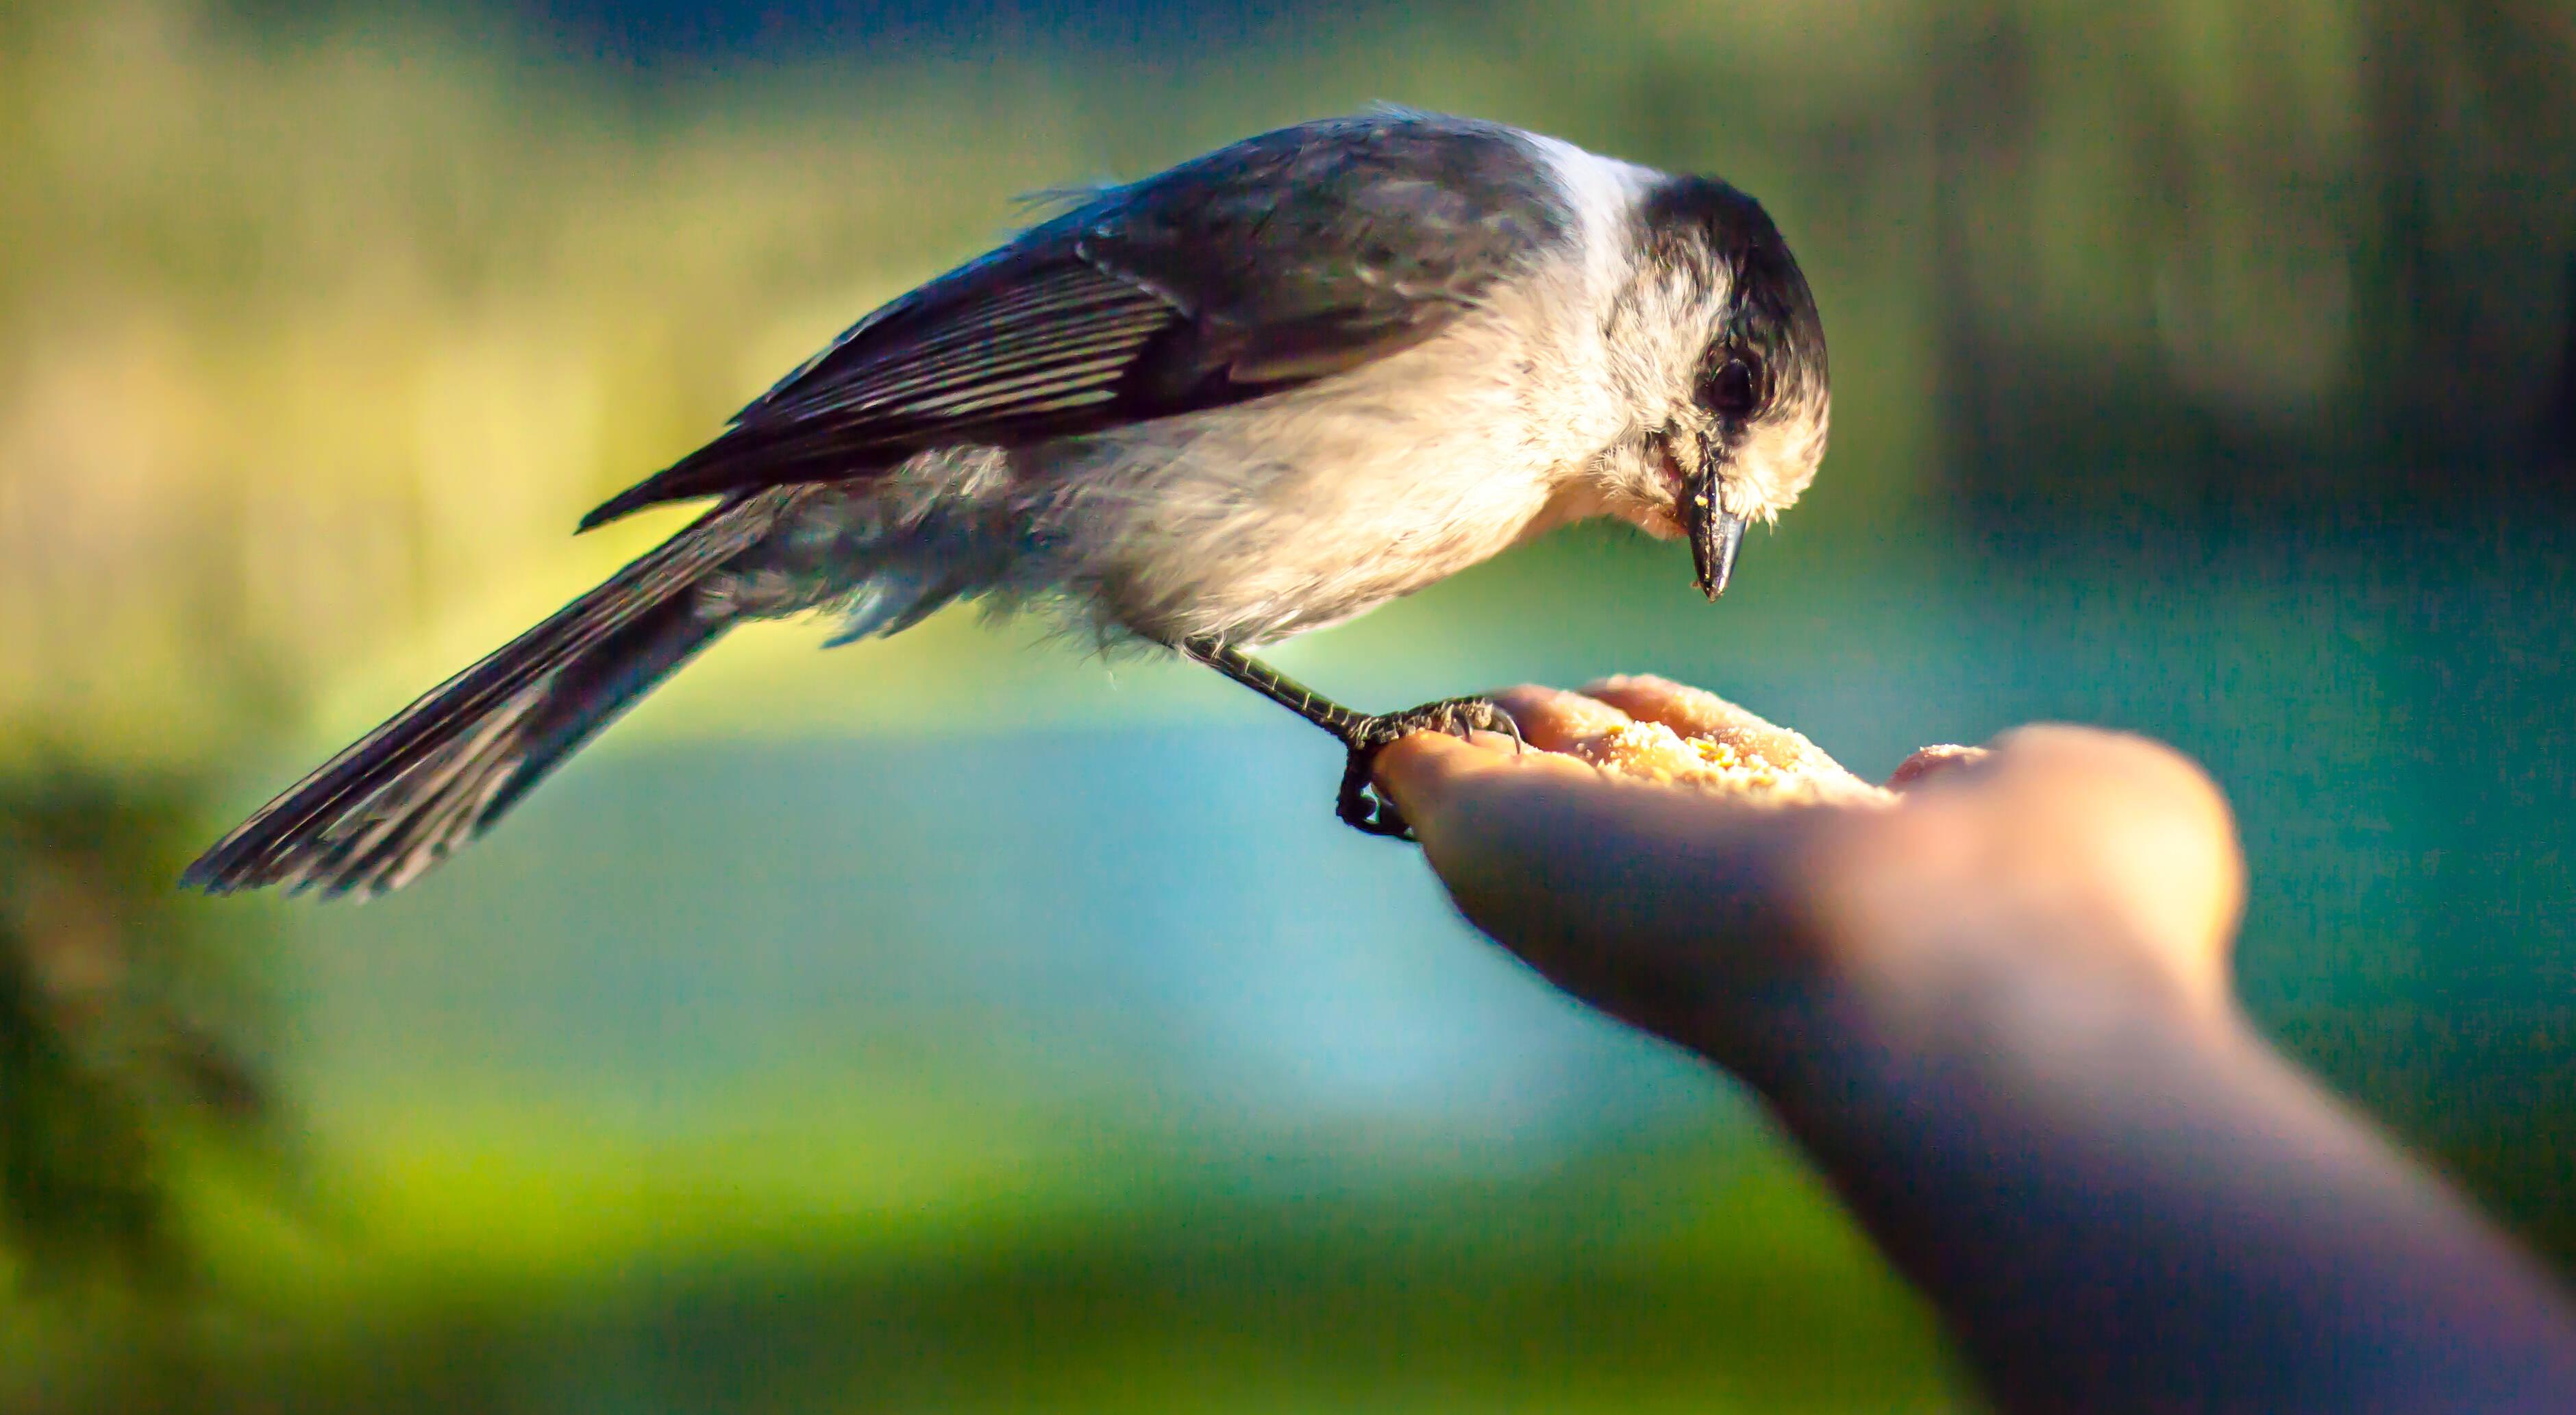 pássaro comendo ração extrusada